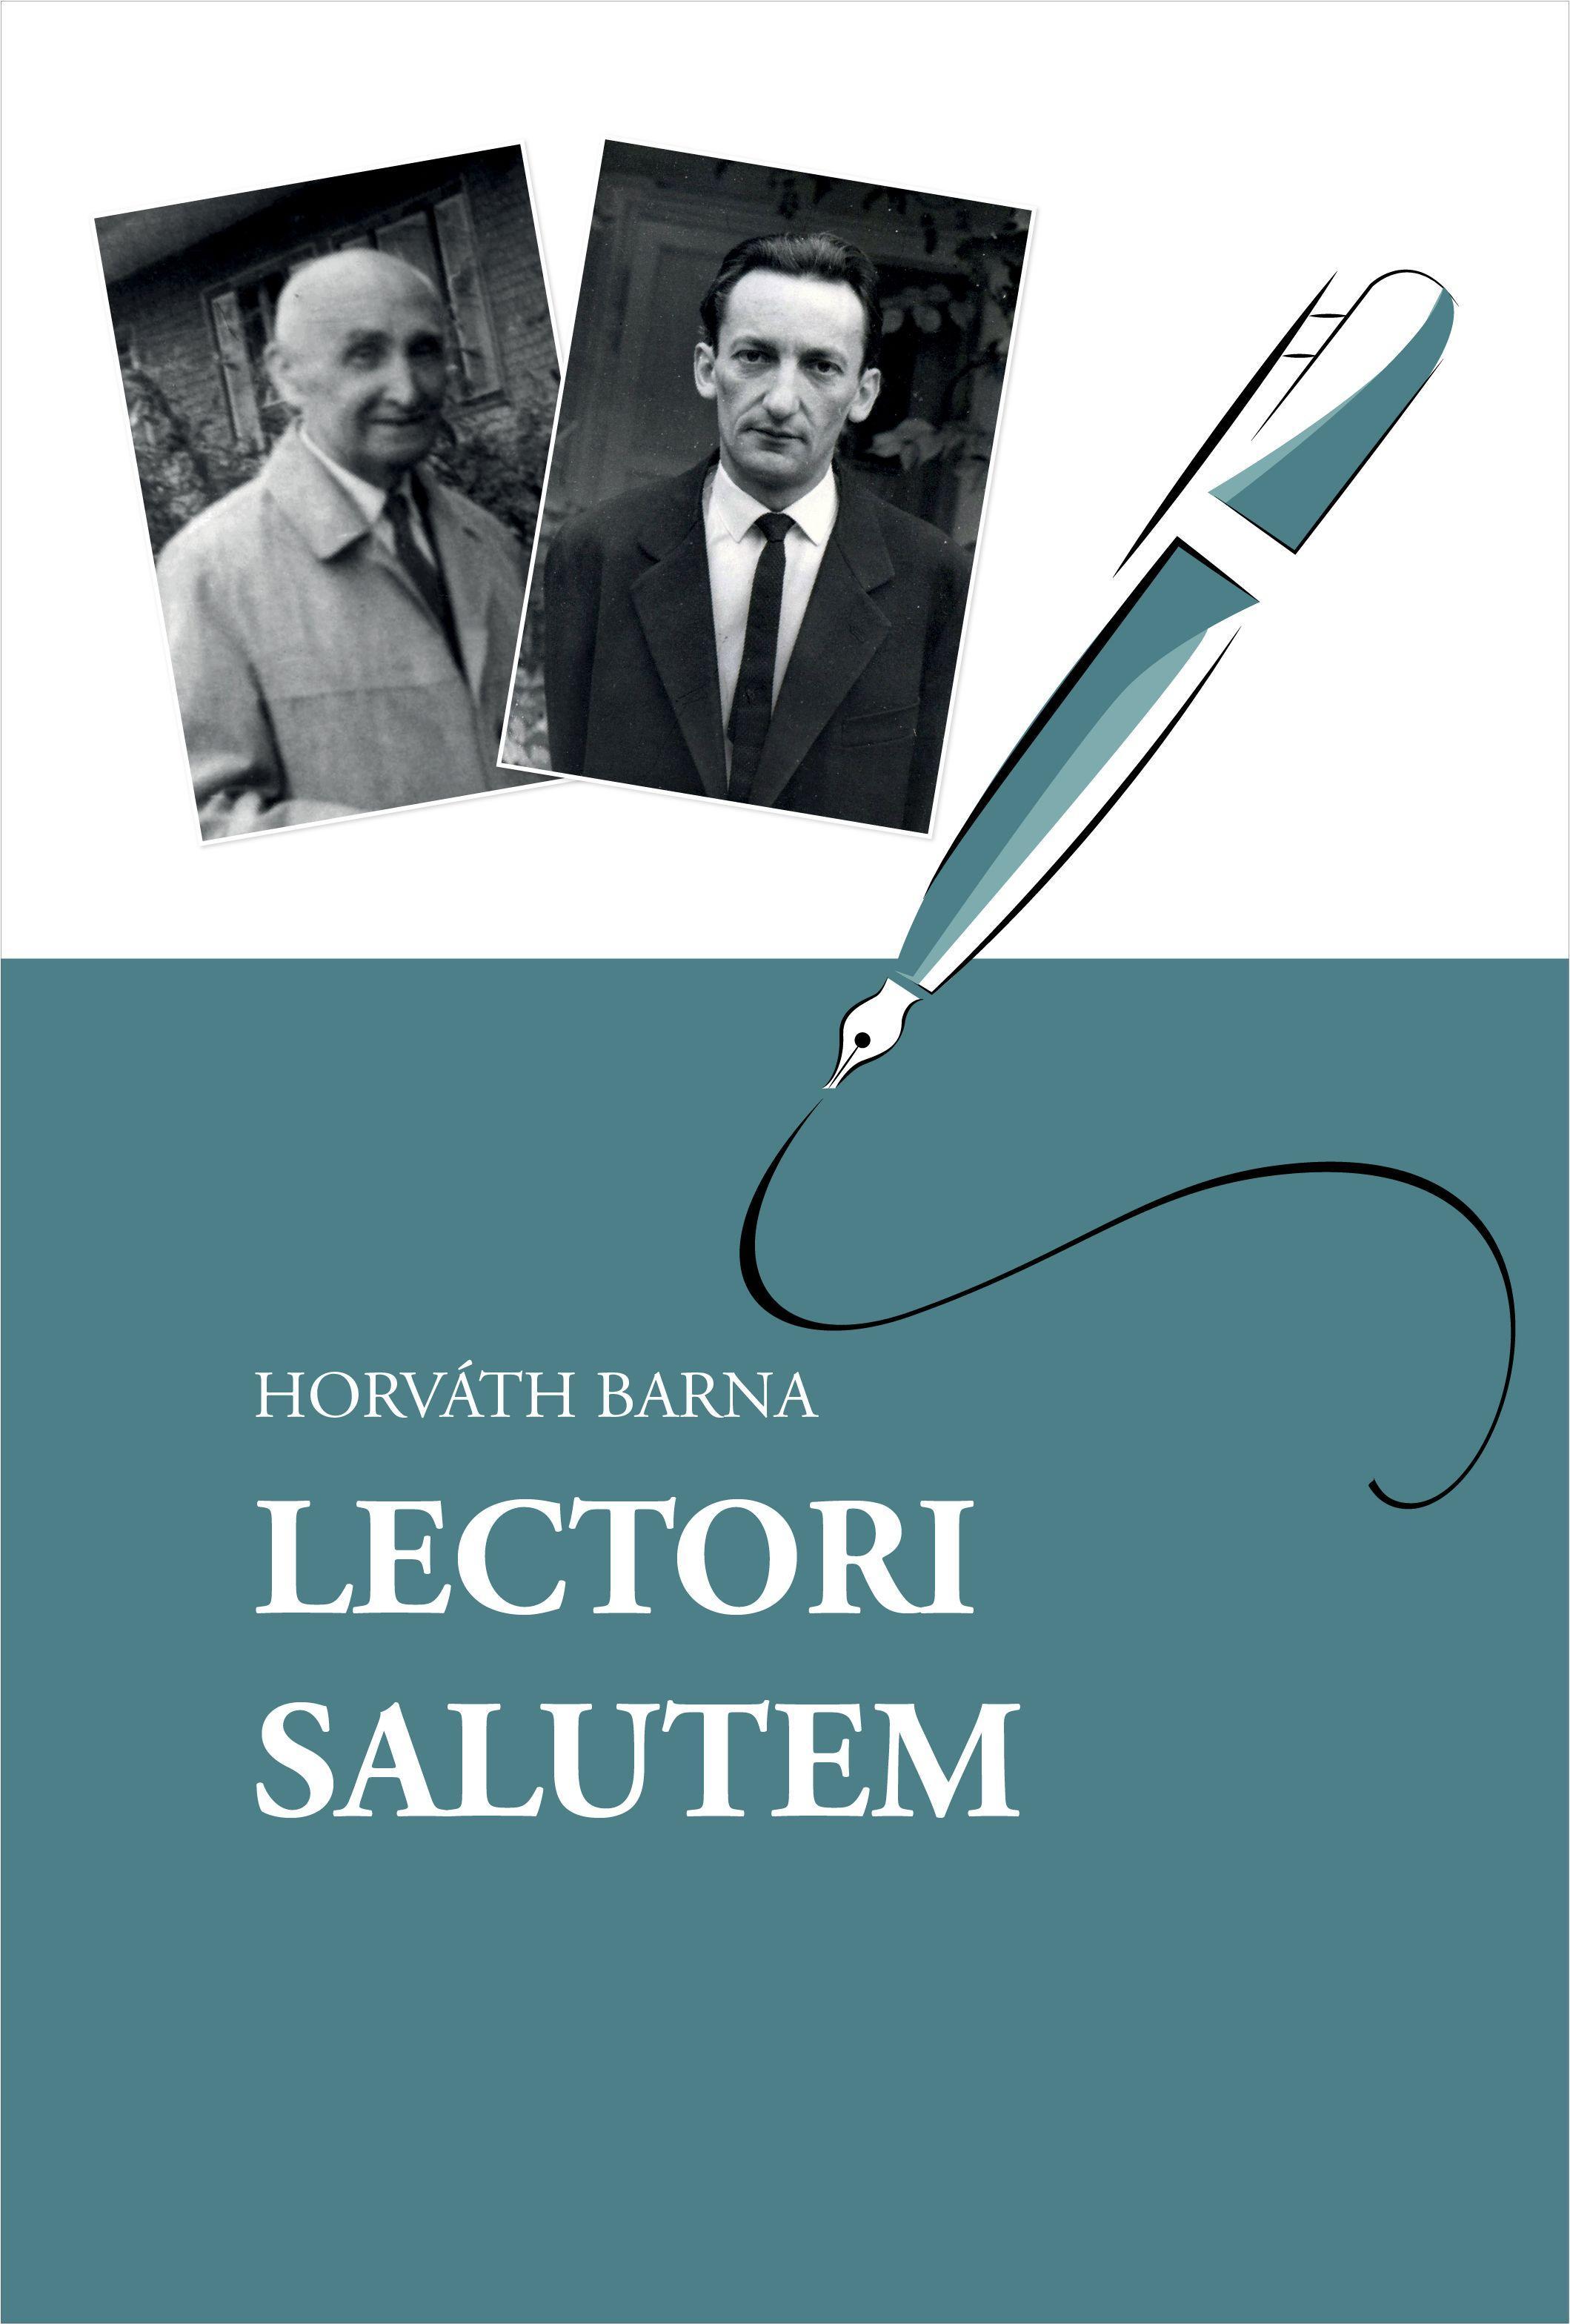 LECTORI SALUTEM